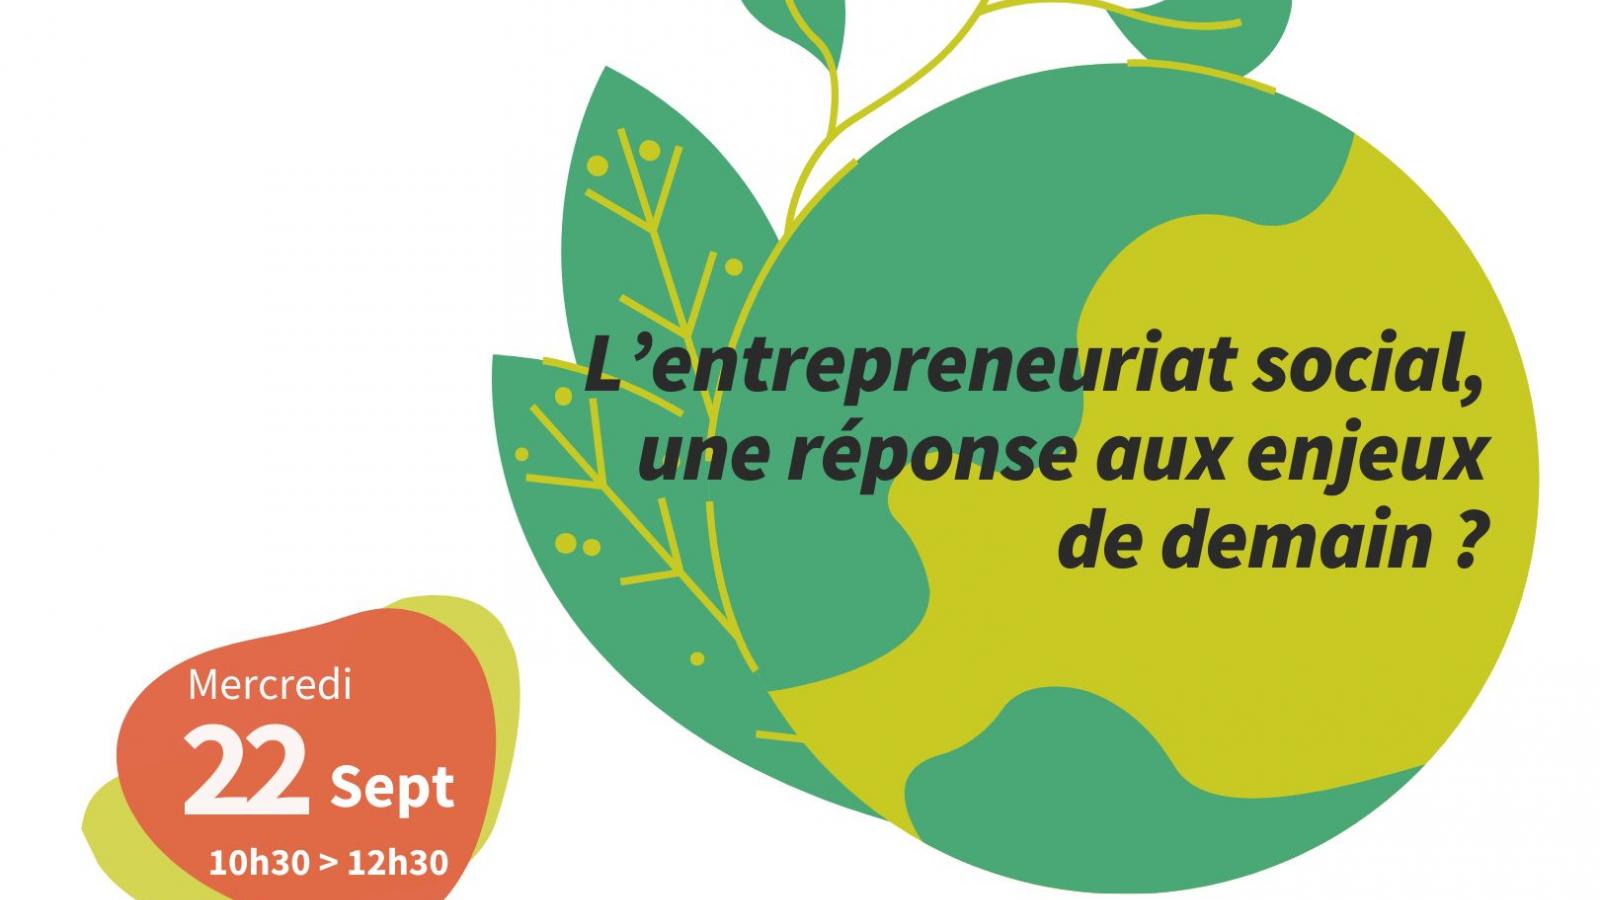 © Conférence : L'entreprenariat social, une réponse aux enjeux de demain